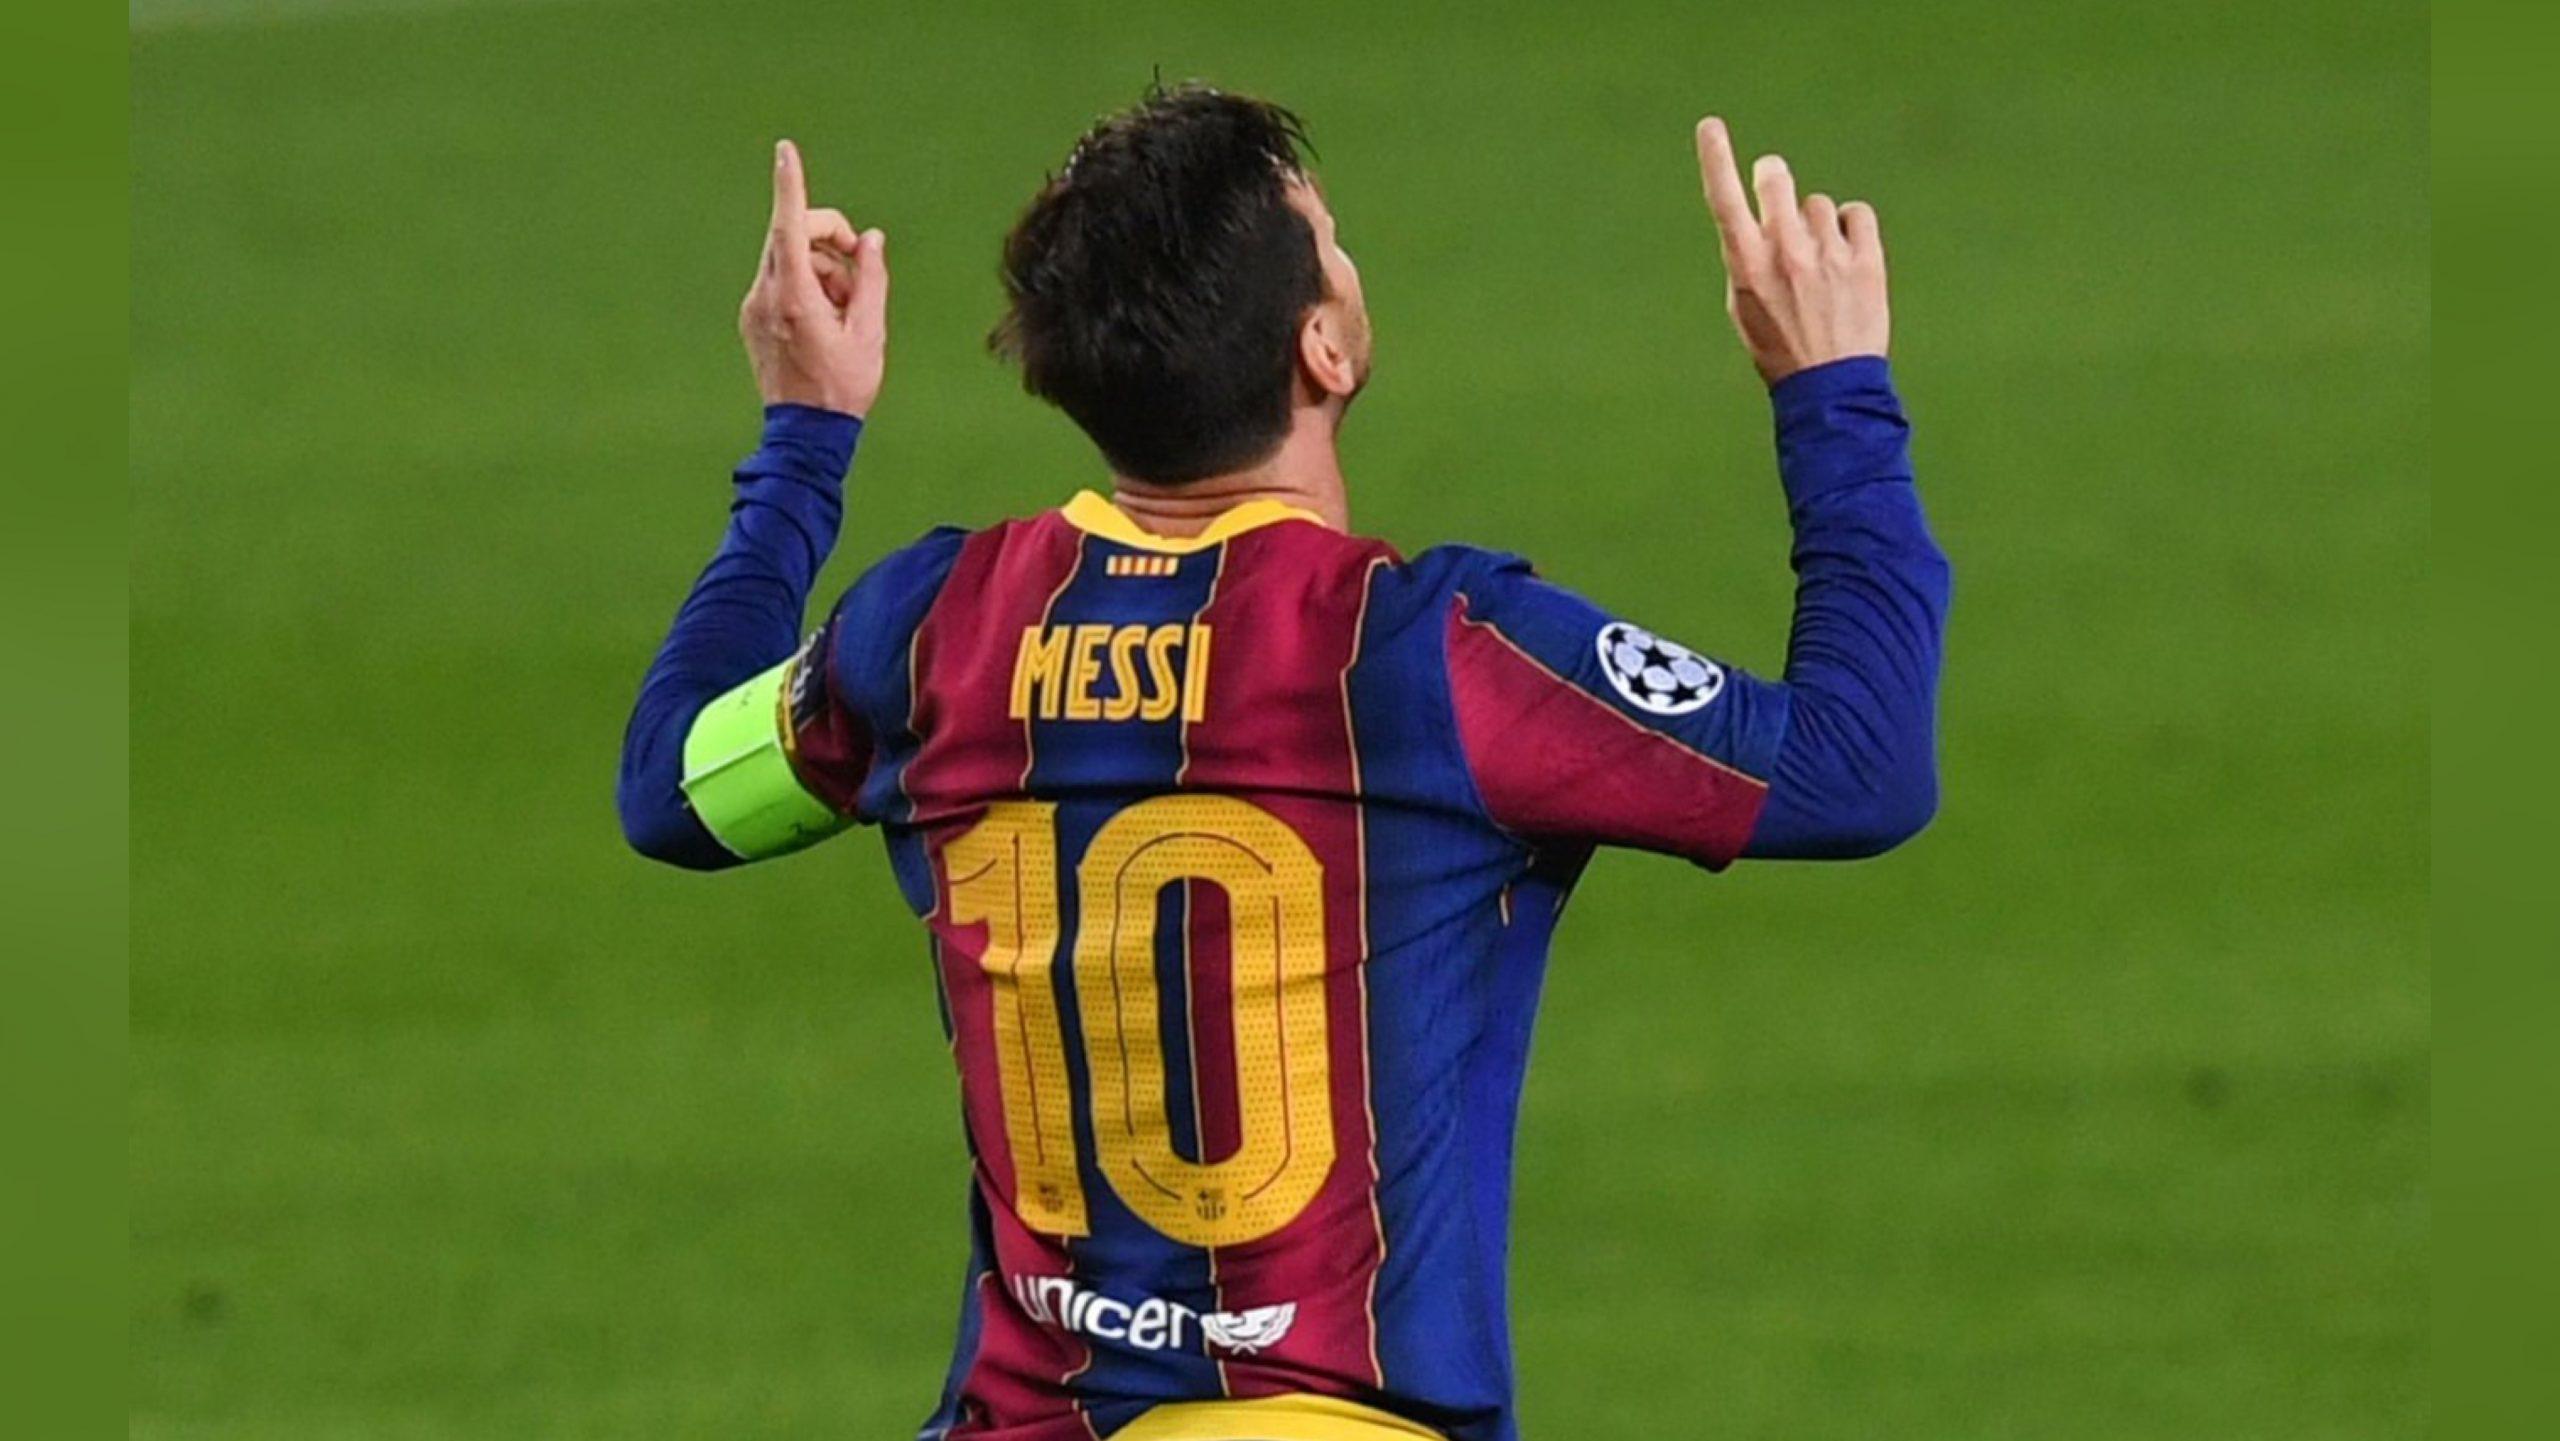 Barcelona le gana 2 a 0 al Ferencváros con un gol de Messi